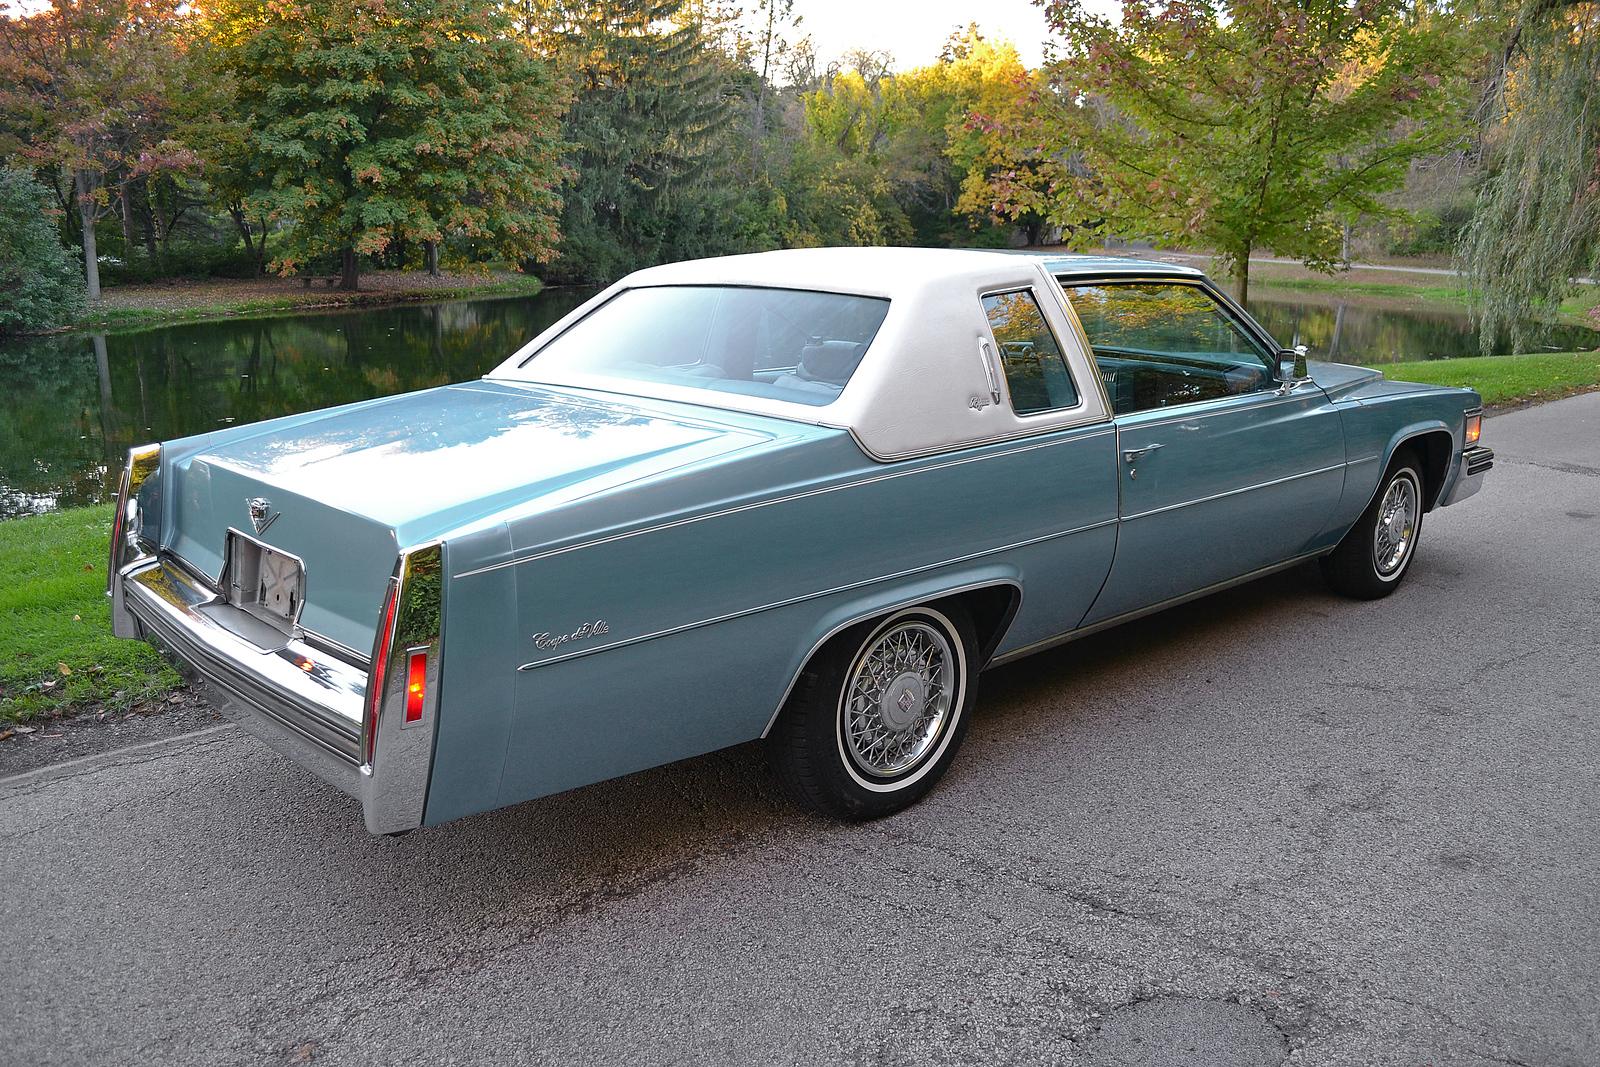 78 Cadillac Coupe deVille - parkwardmuseum